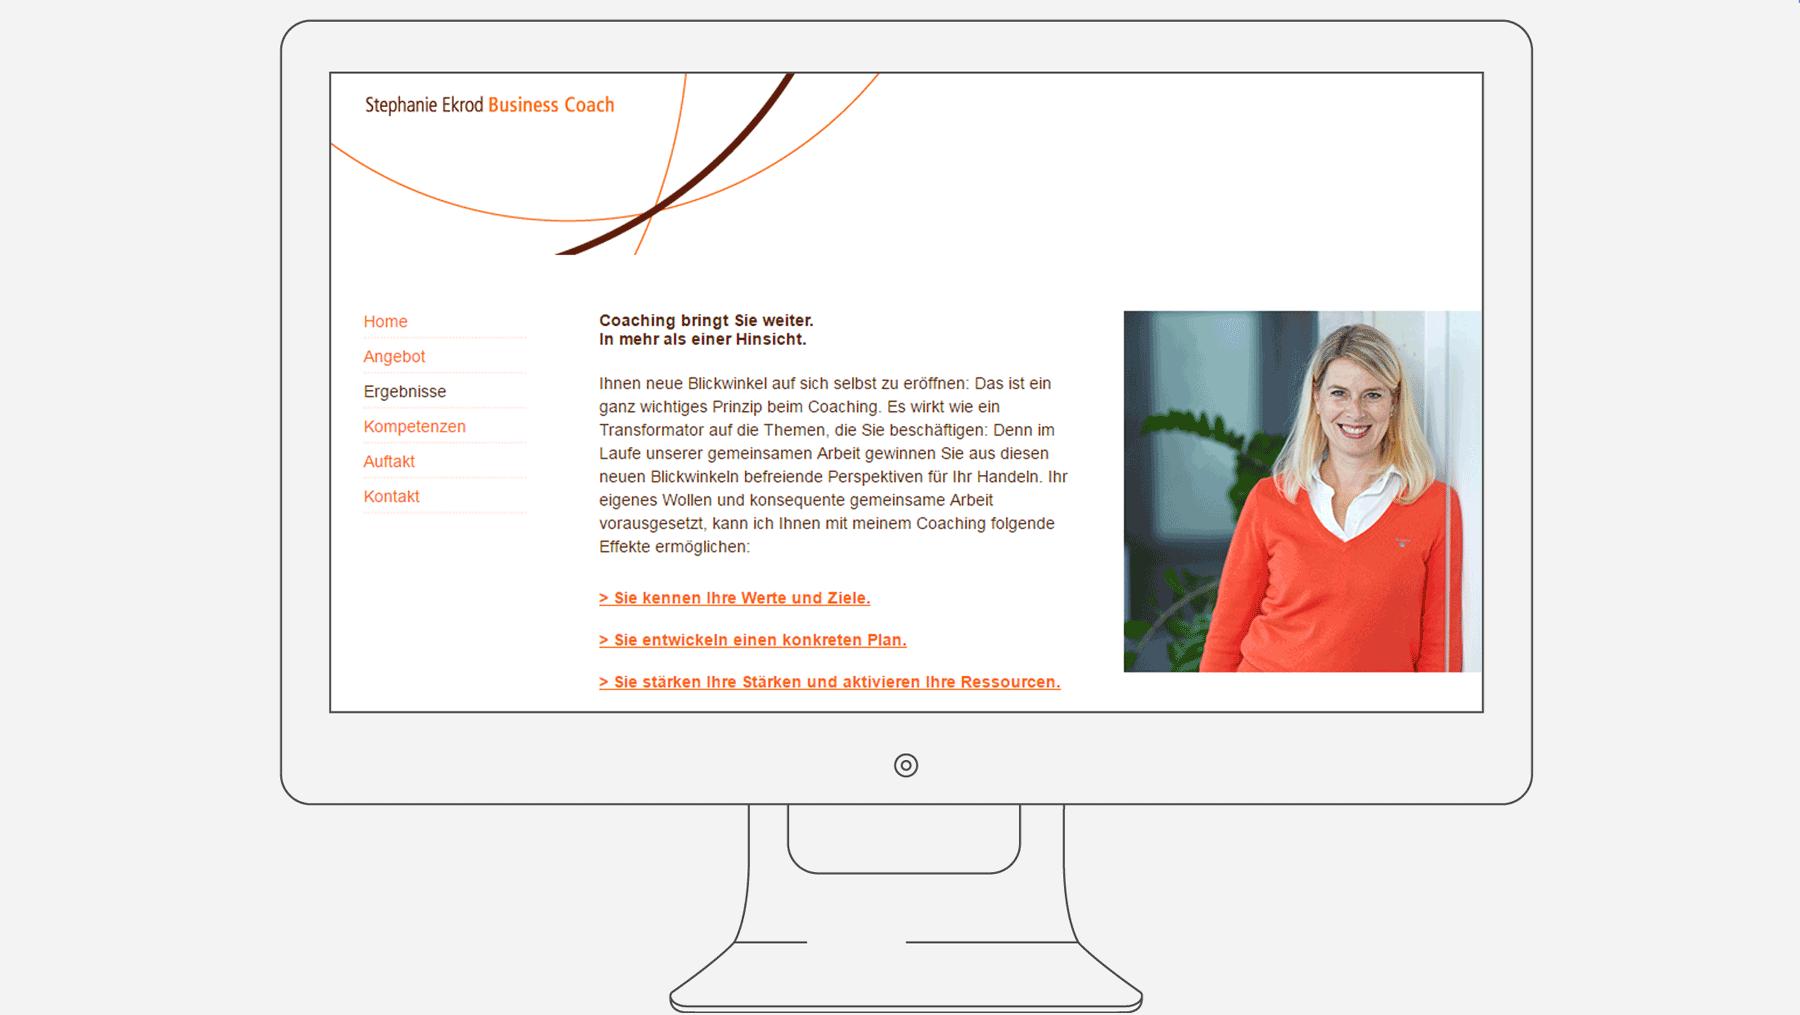 Ekrod Businesscoach - Internetseite Ergebnisse